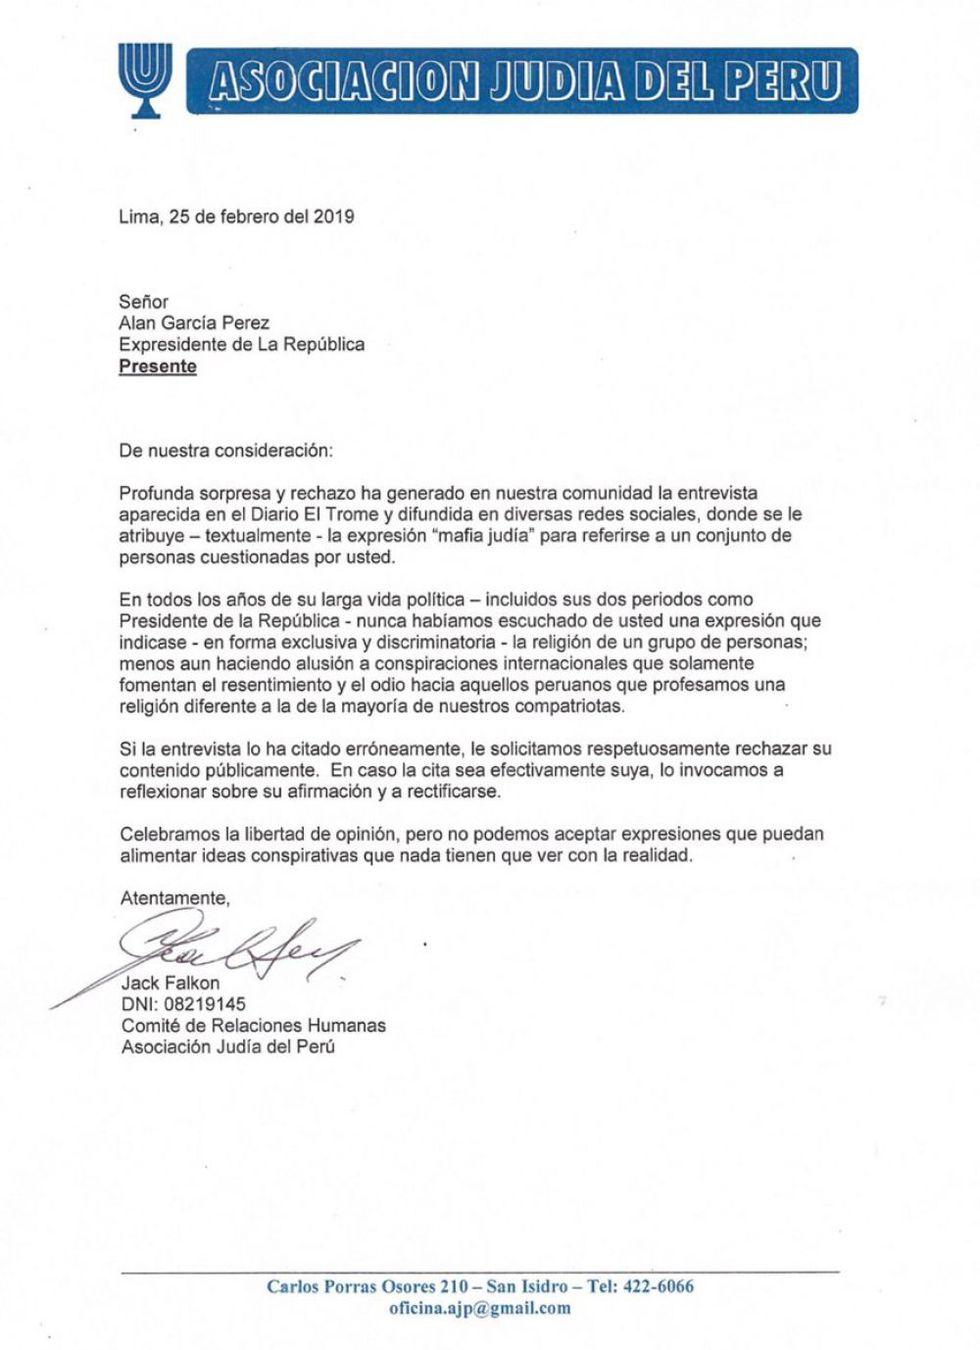 Documento fue enviado el 25 de febrero al ex presidente Alan García.